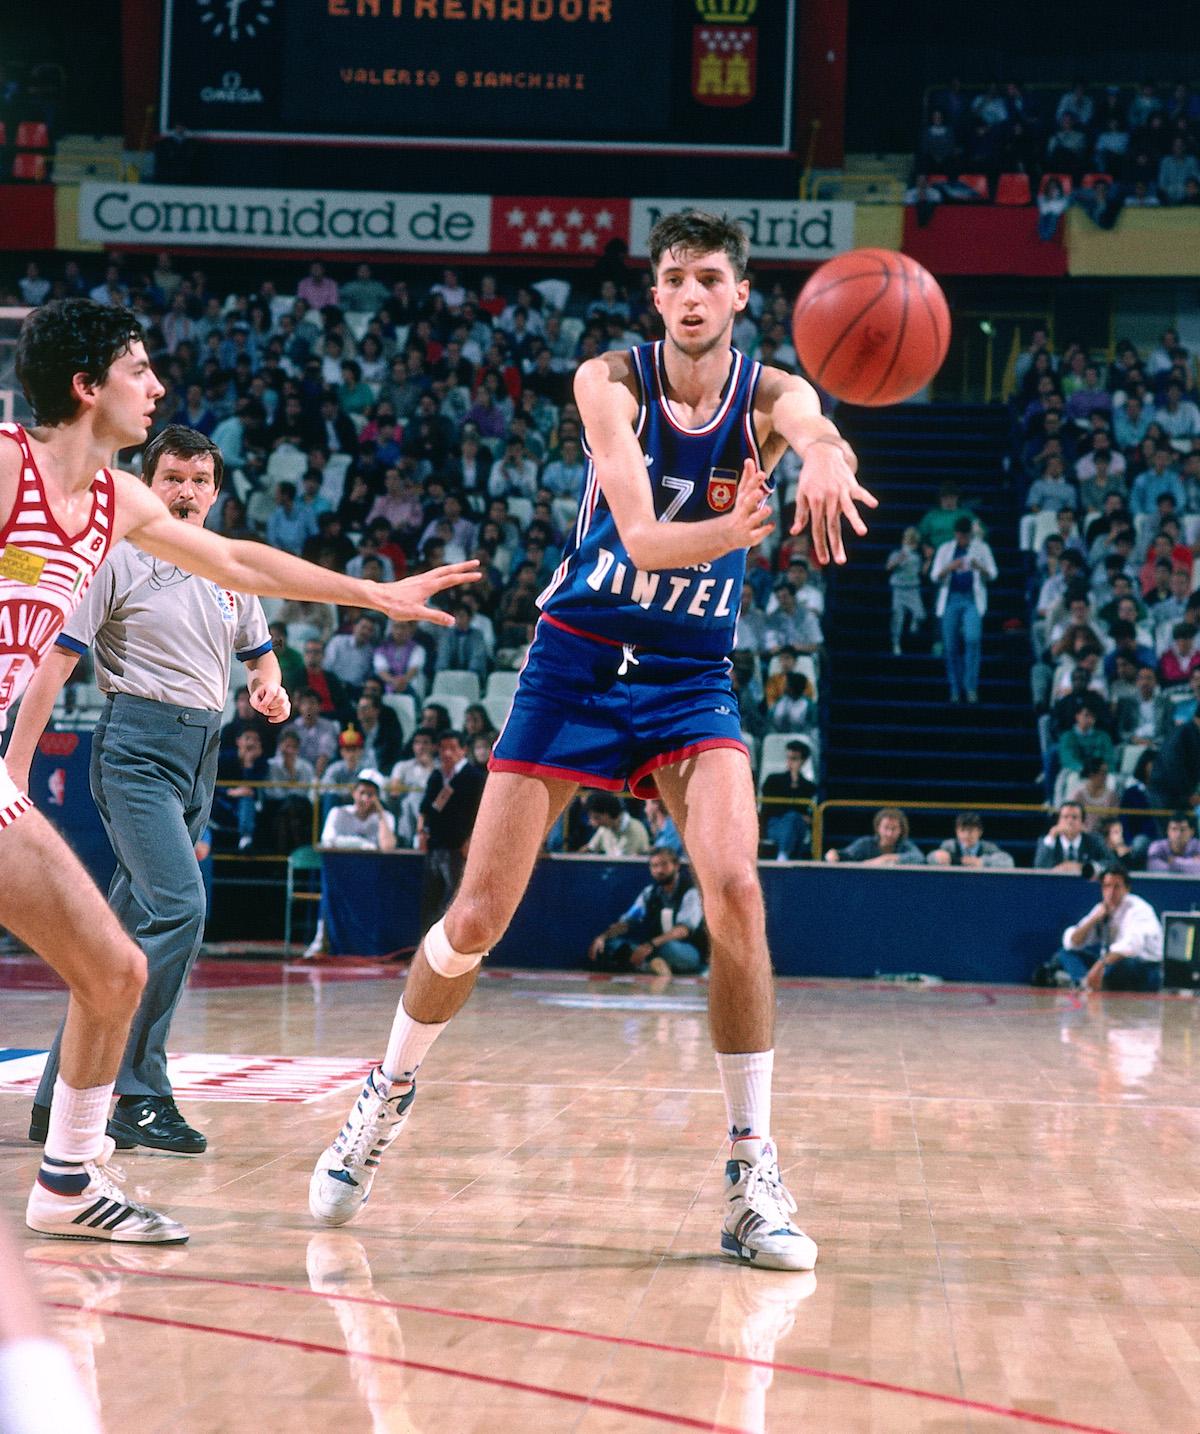 Toni Kukoc #7 passes the ball in the 1988 Yugoslavia vs. Scavolini Pesaro game